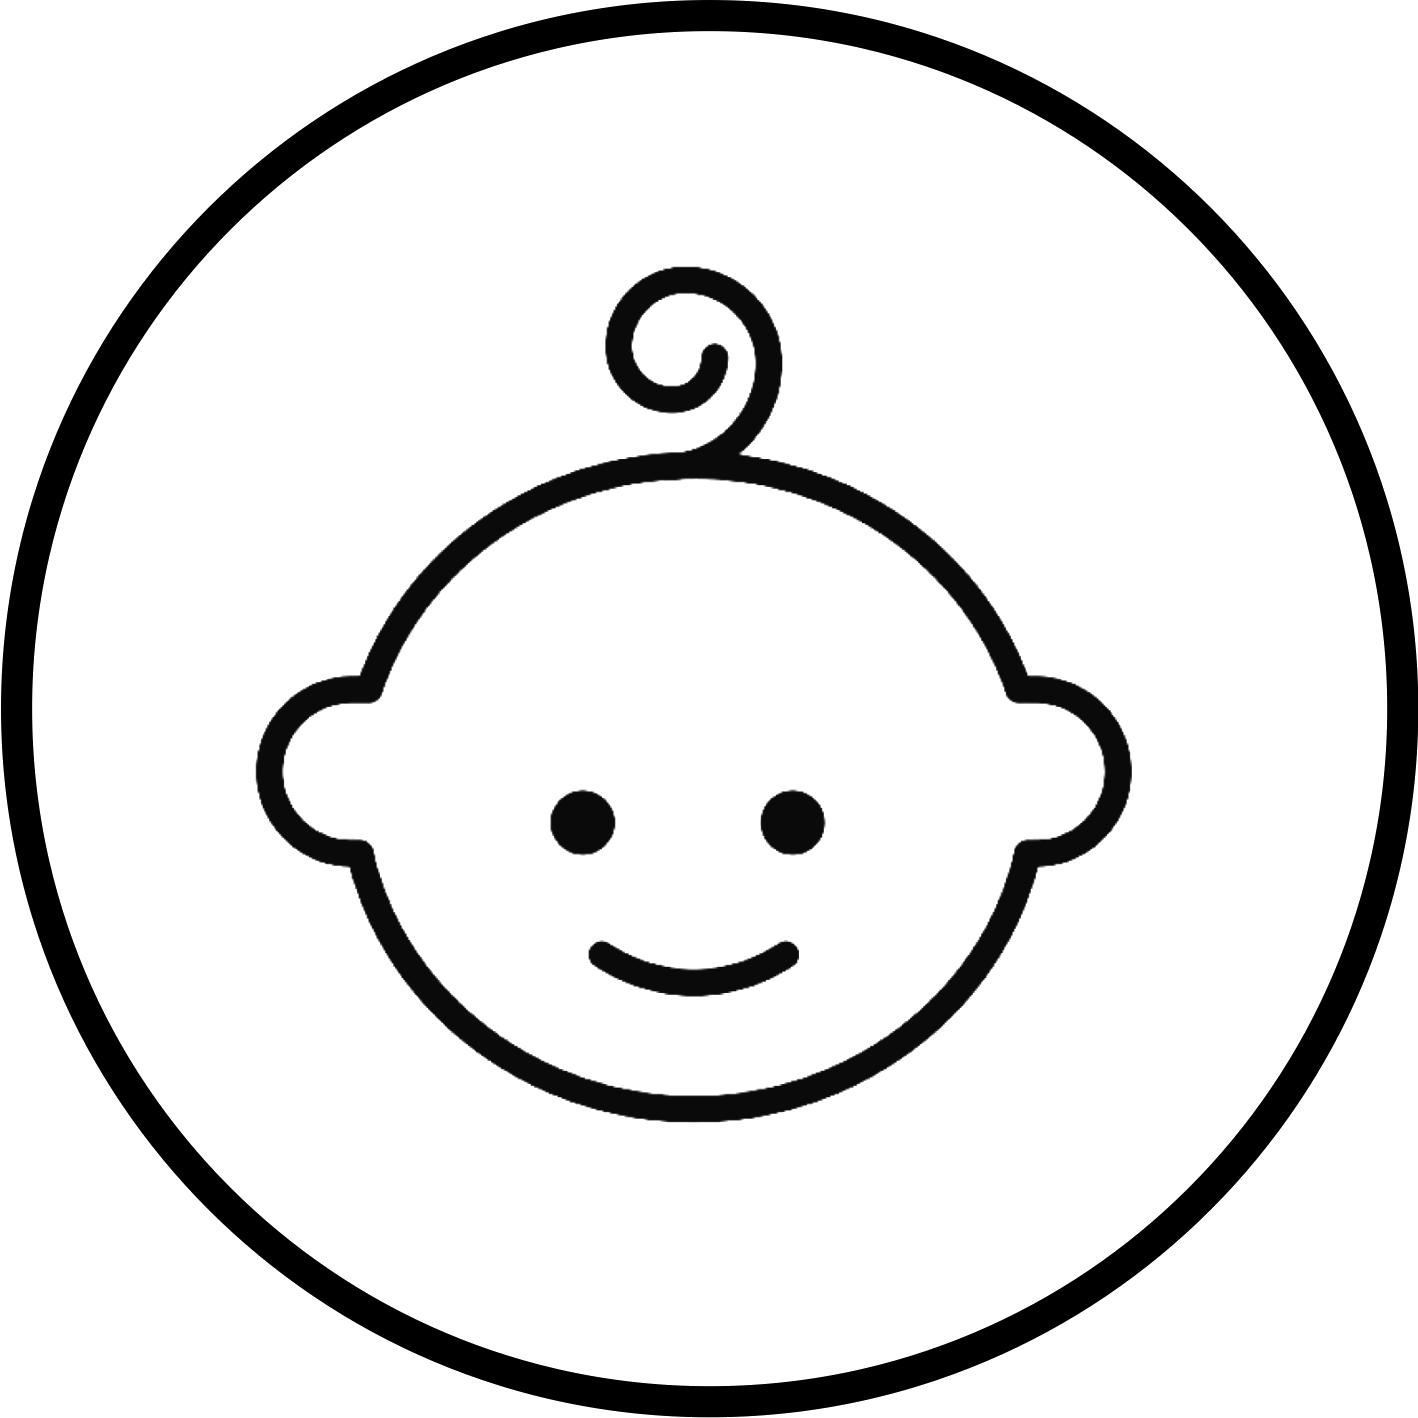 Il volto stilizzato di un bambino sorridente con un piccolo ciuffo di capelli